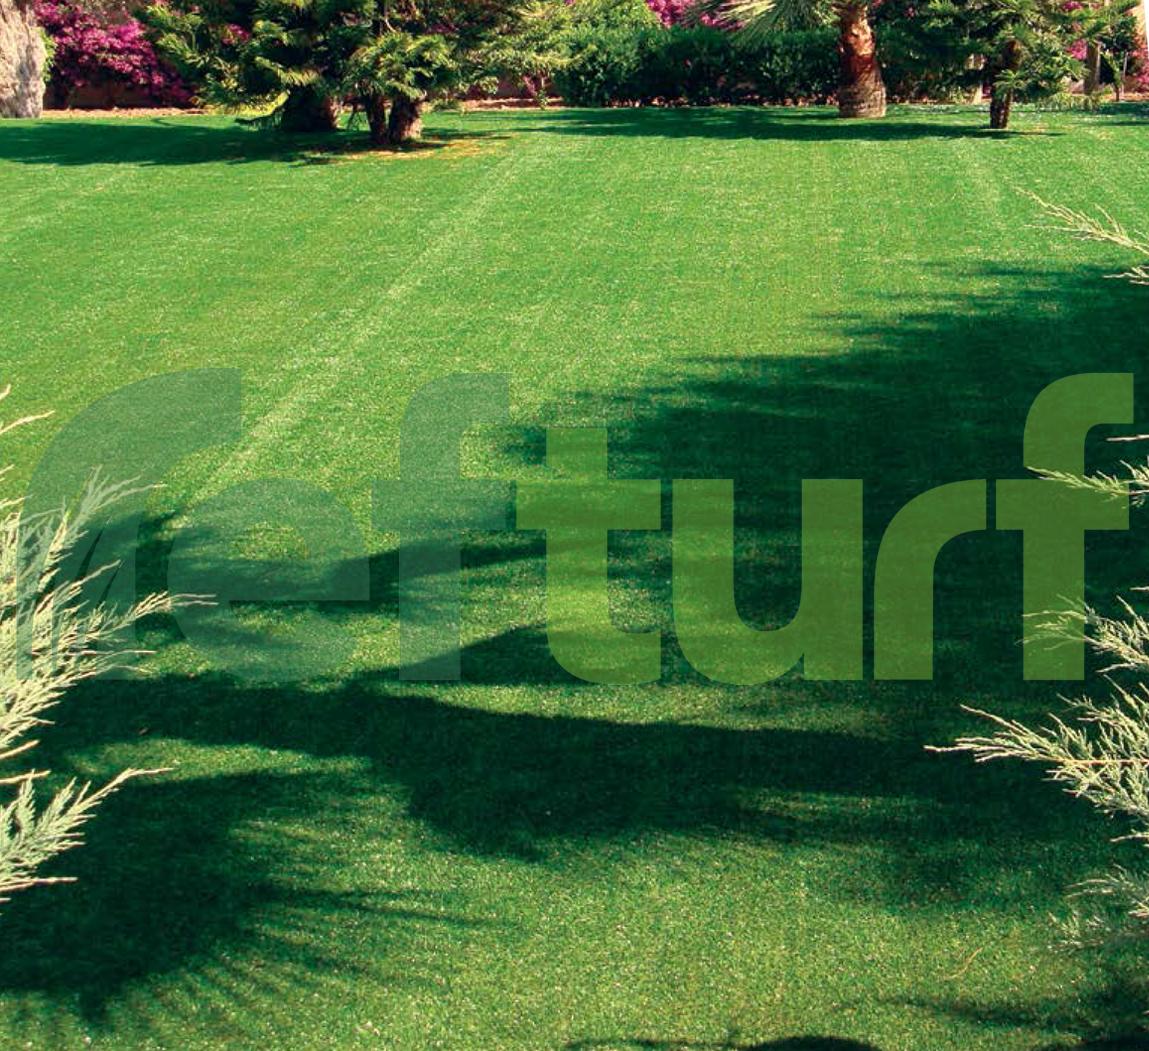 çim bakımı, çim resmi, çim fotoğrafı, çimen görüntüsü, çimen görseli, yeşil,